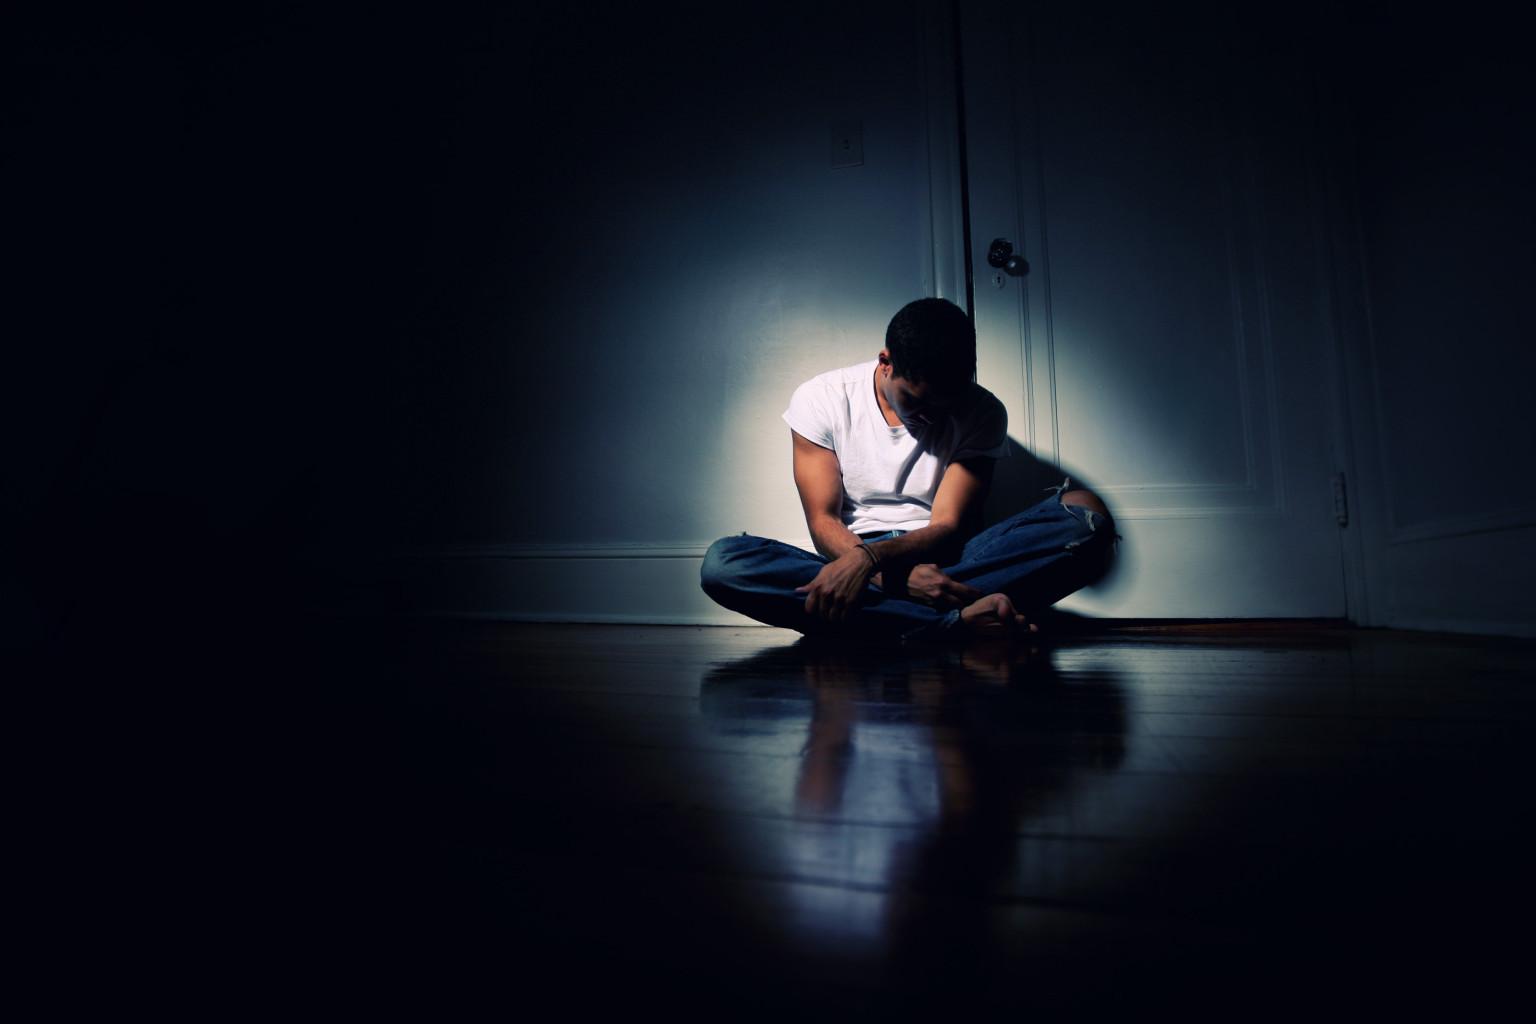 صوره اعراض الاكتئاب , اسباب الاكتئاب واعراضه وطرق علاجه